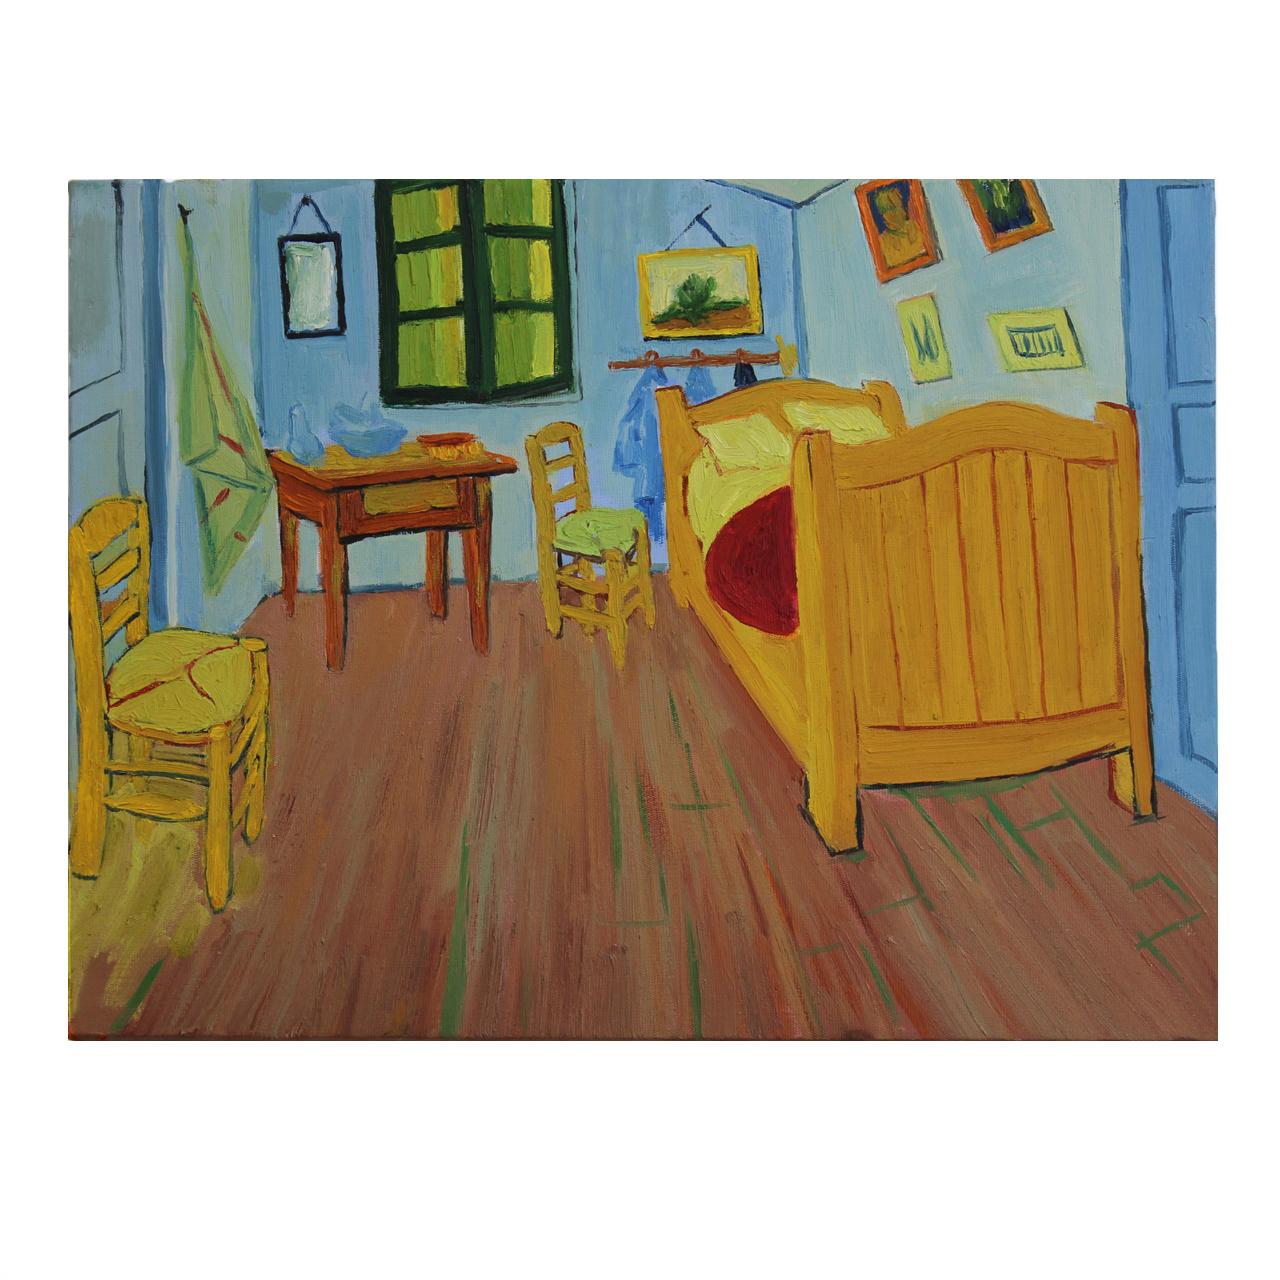 تابلو نقاشی رنگ روغن اتاق آرل اثر وینسنت ونگوگ